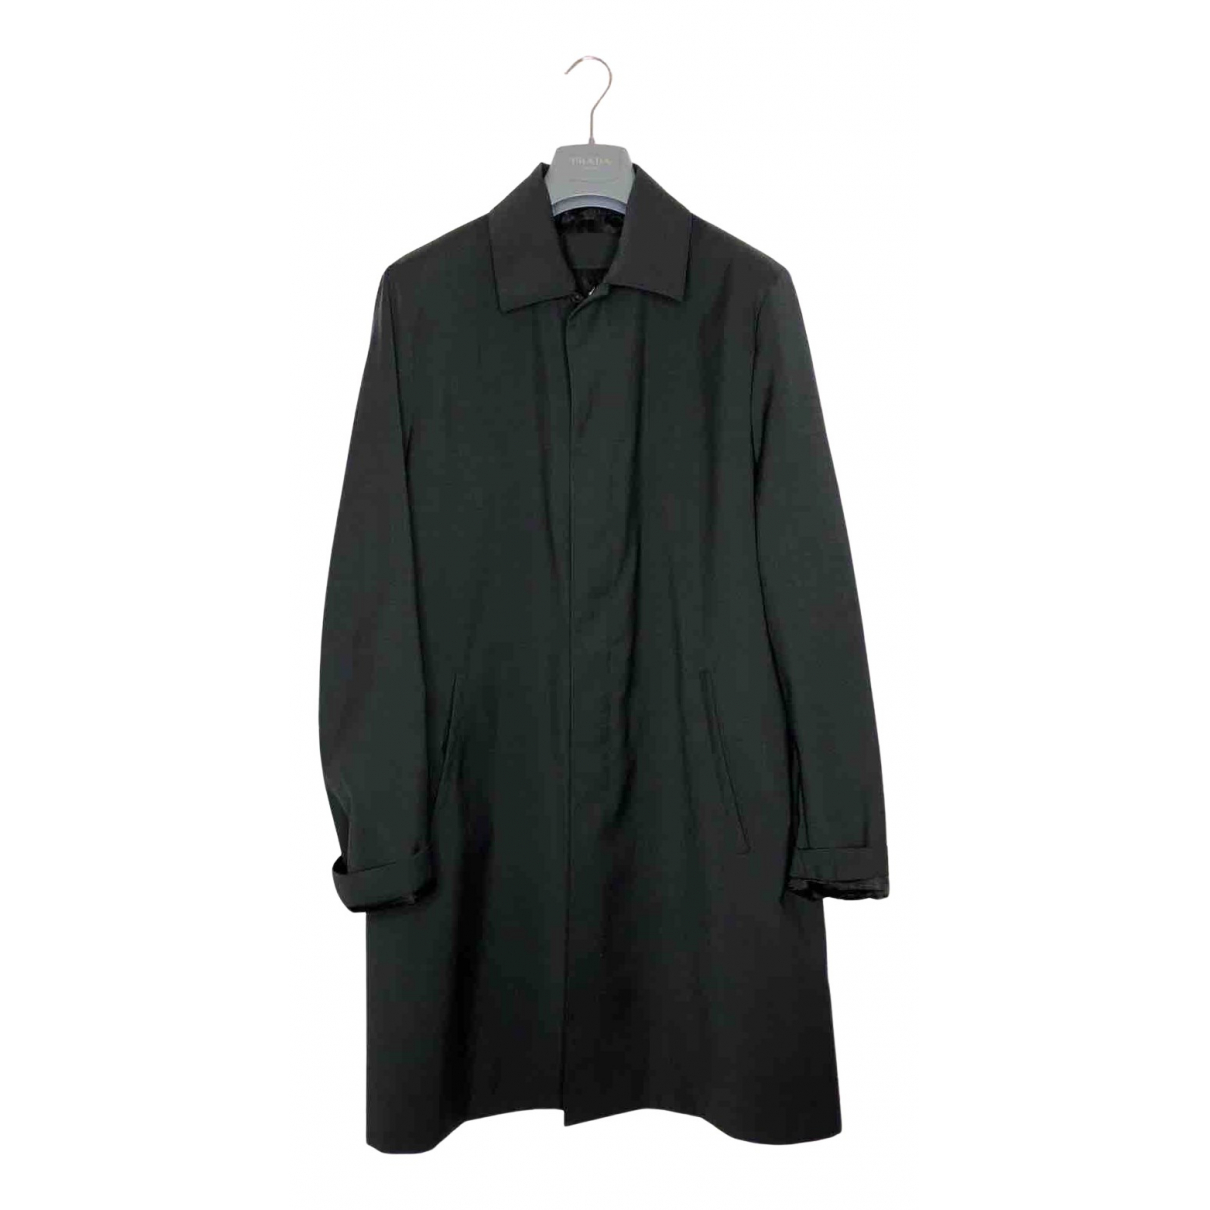 Prada - Manteau   pour homme en laine - anthracite